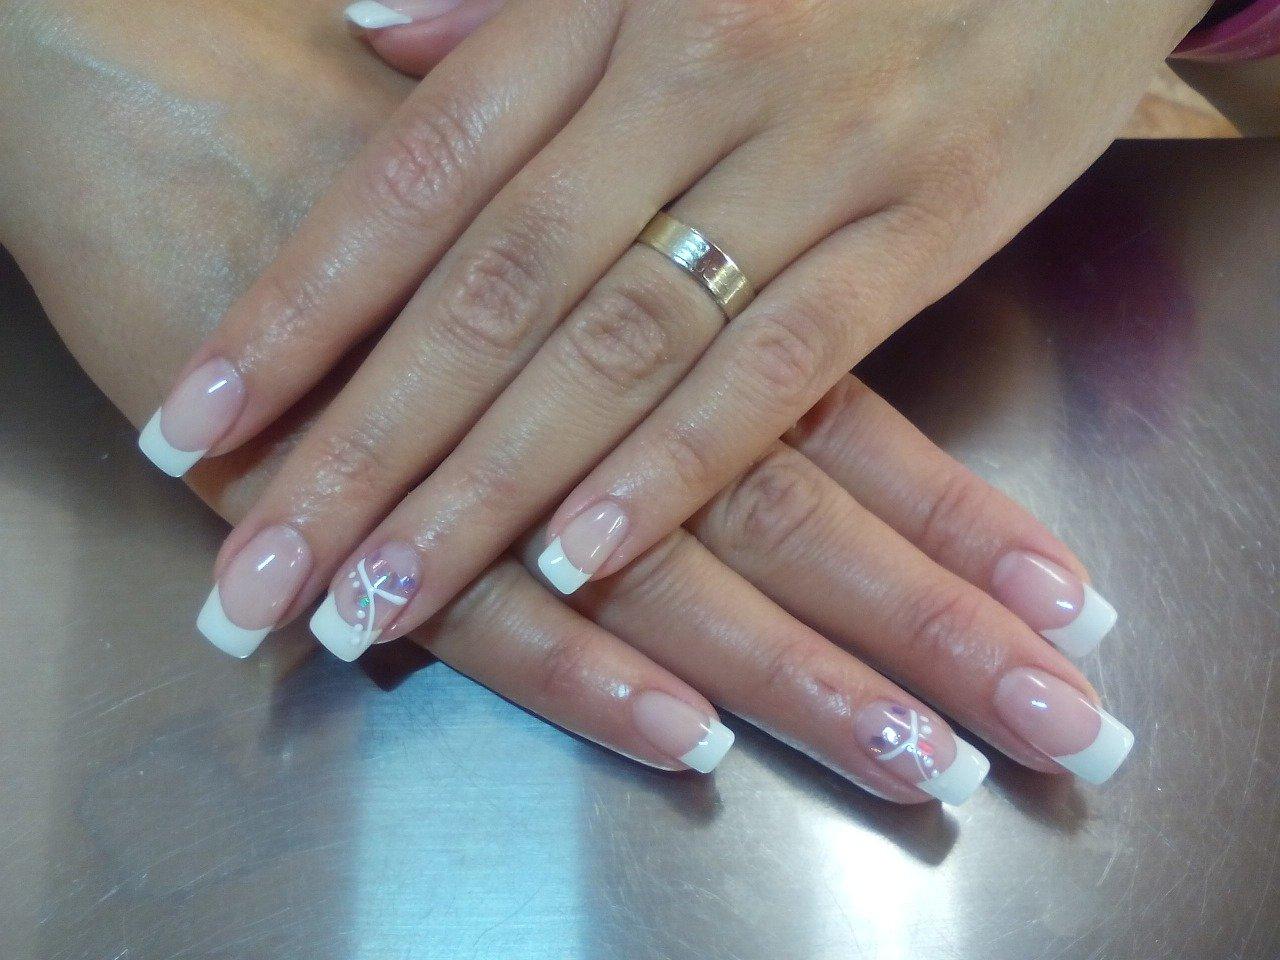 Curso de uñas acrílicas con personal capacitado